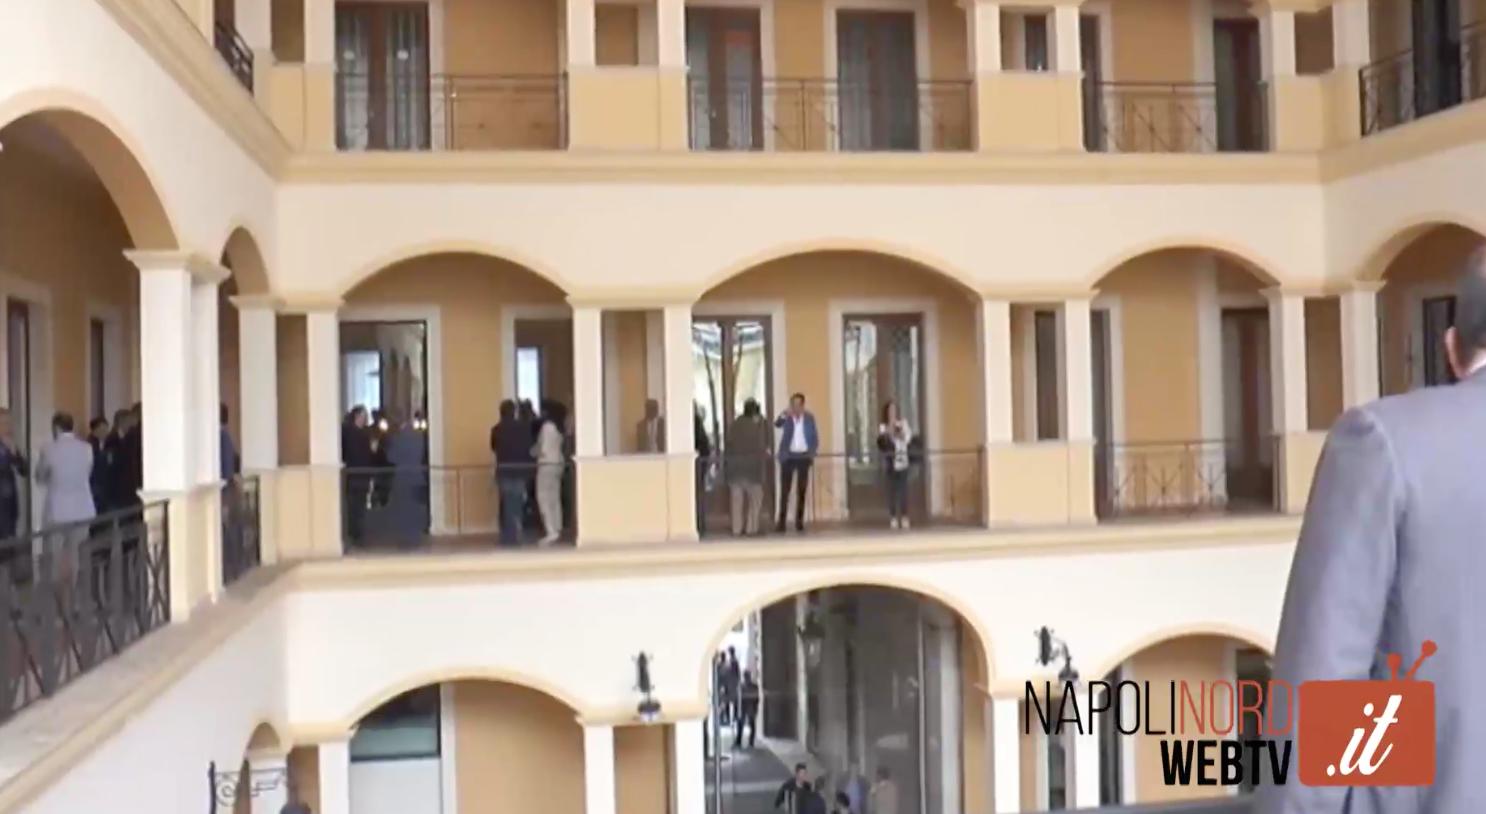 Commercialisti, l'Odcec Napoli Nord stipula l'accordo col Tribunale di Napoli Nord per i tirocini. Video